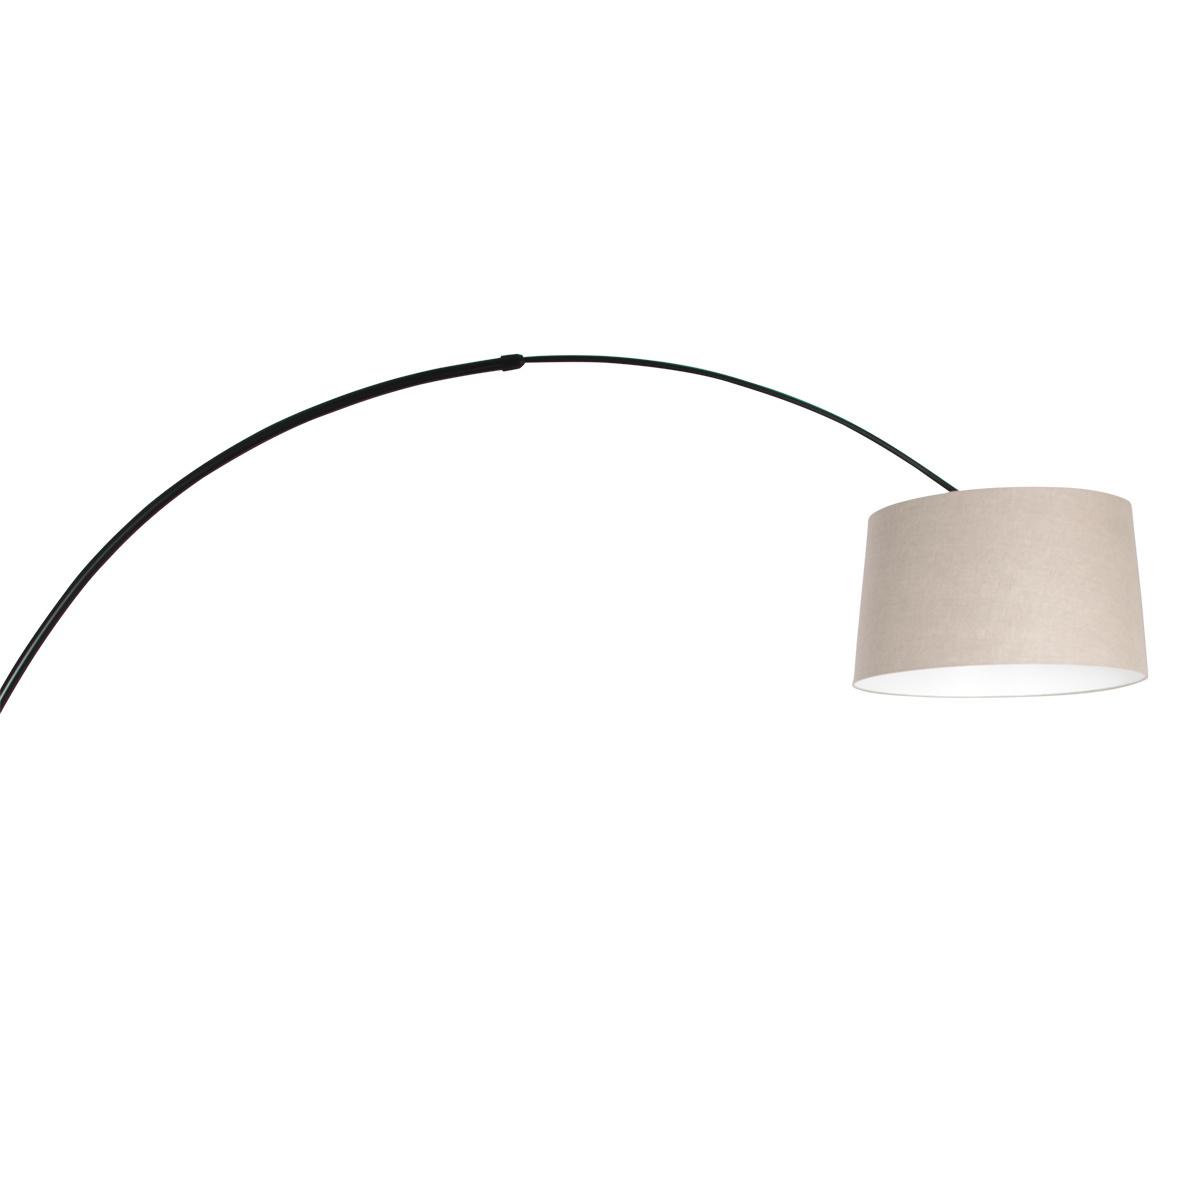 Steinhauer Vloerlamp Sparkled light 9830 zwart kap grof linnen grijs